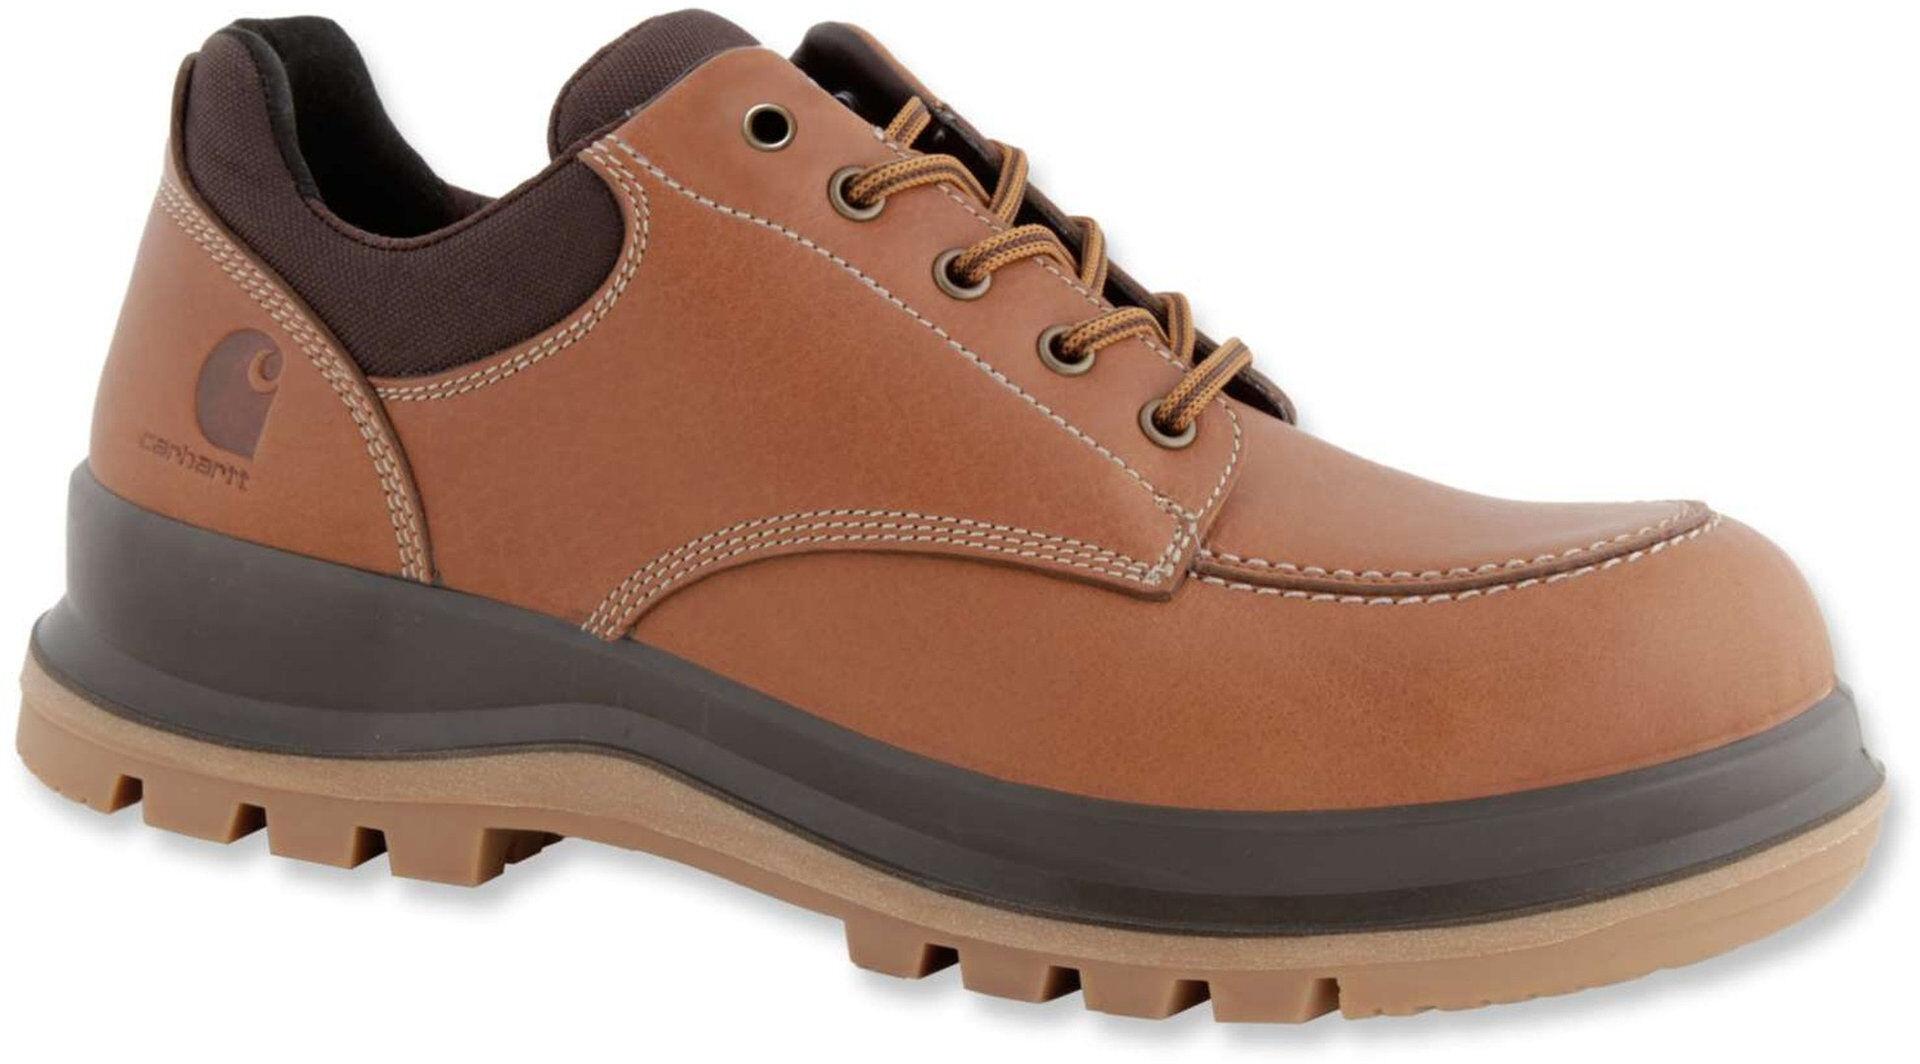 Carhartt Hamilton Rugged Flex S3 Shoes Brown 48